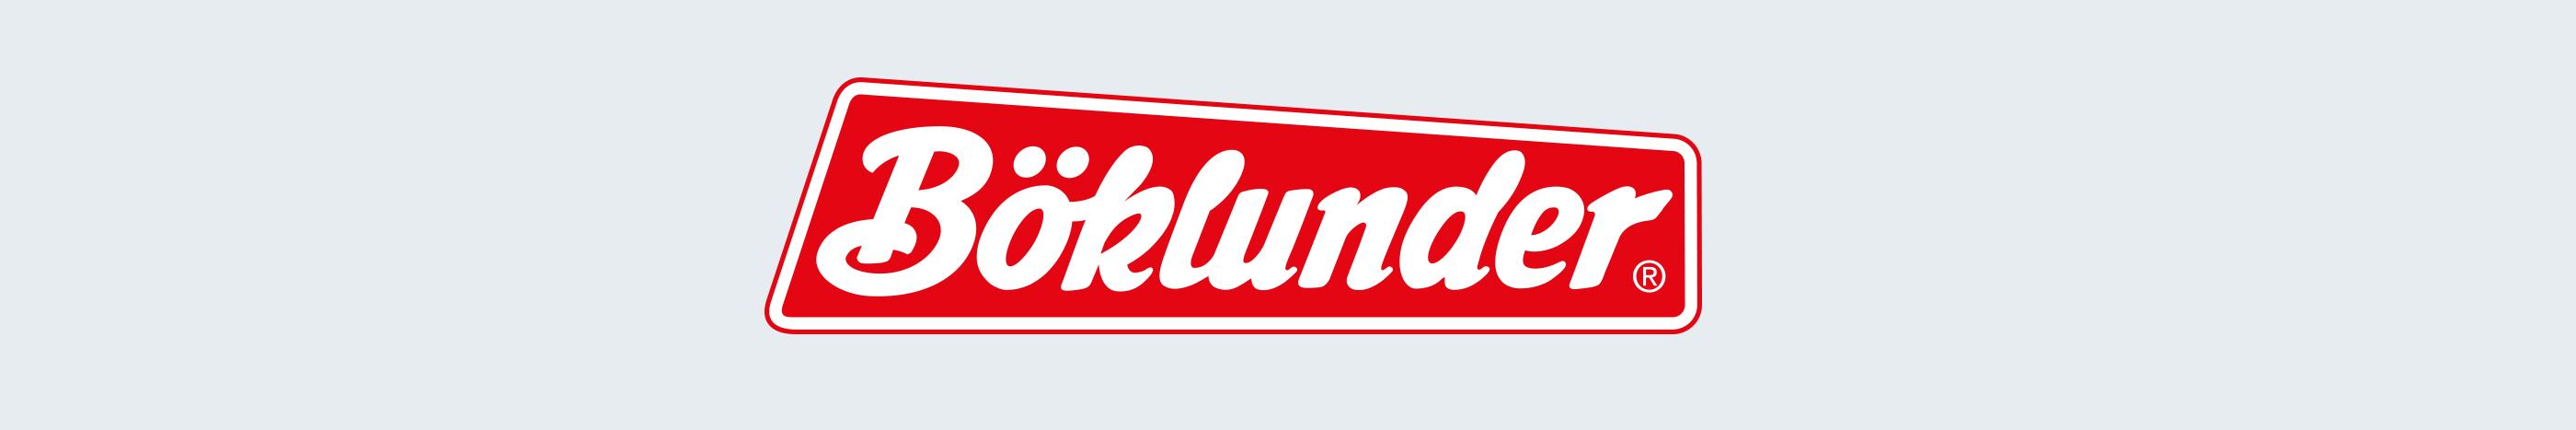 böklunder label design